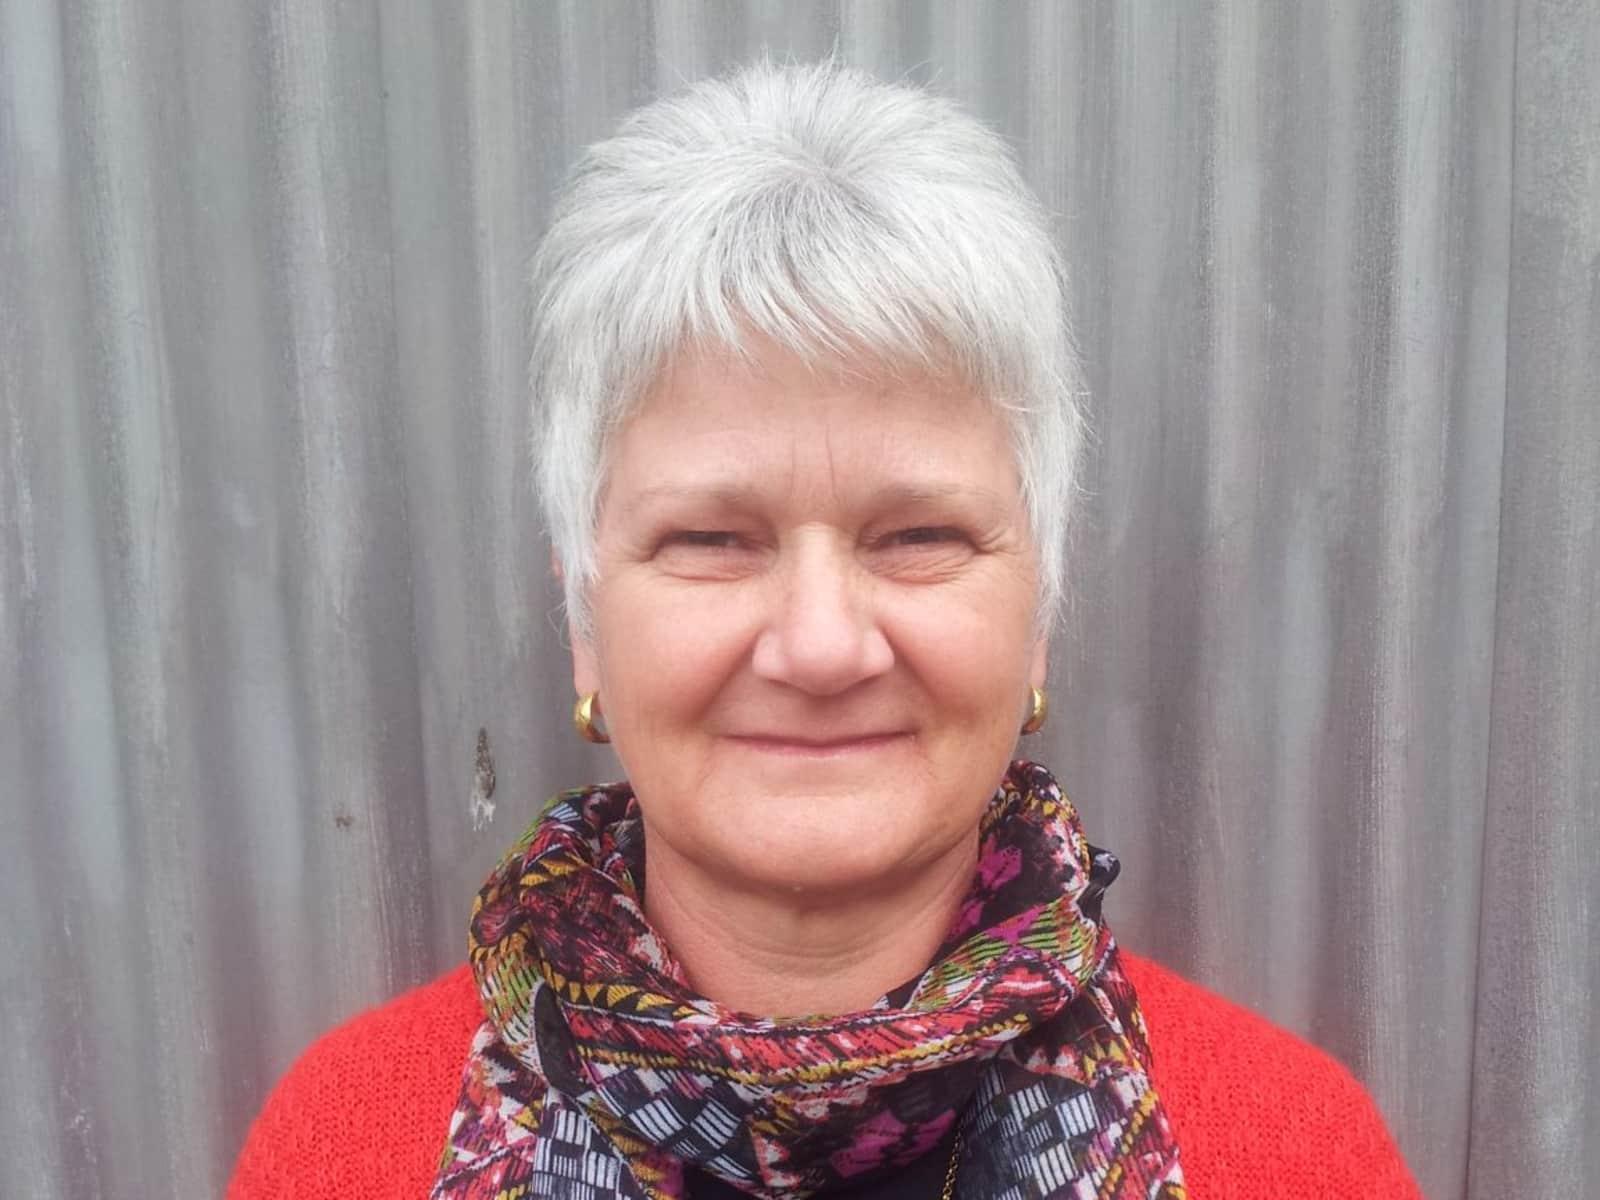 Judy from Warrnambool, Victoria, Australia